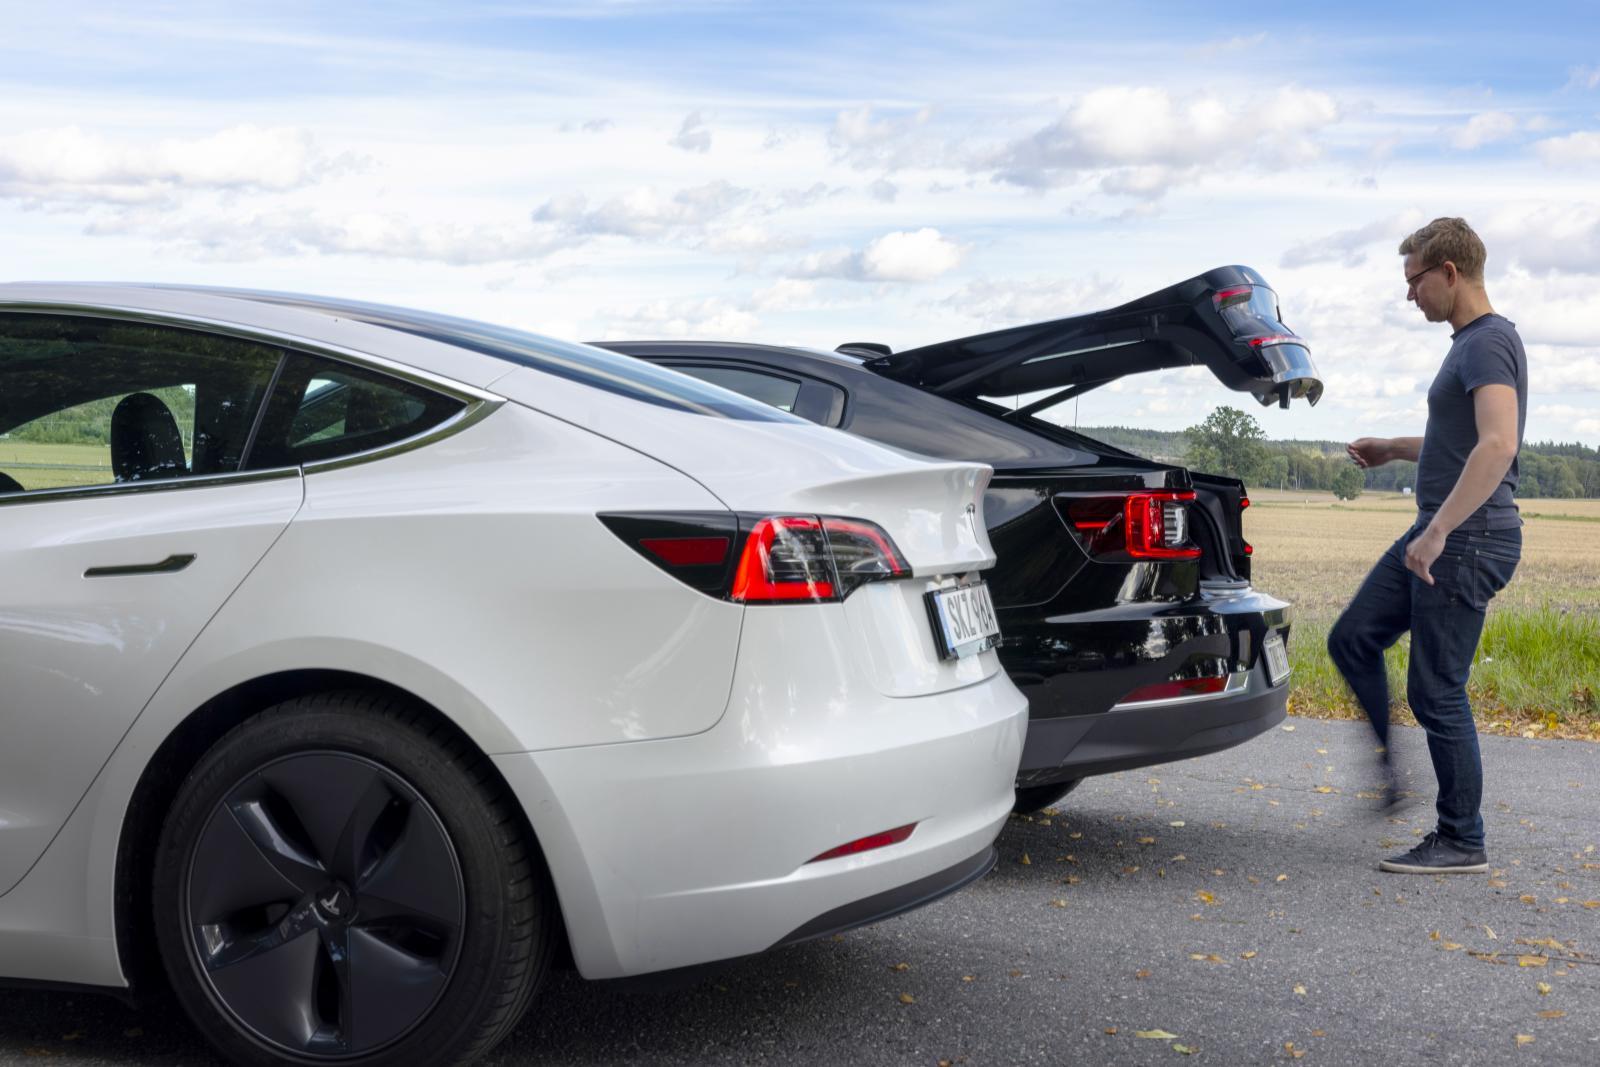 Elstyrd halvkombilucka med fotviftfunktion i Polestar. Manuell sedanöppning i Tesla.